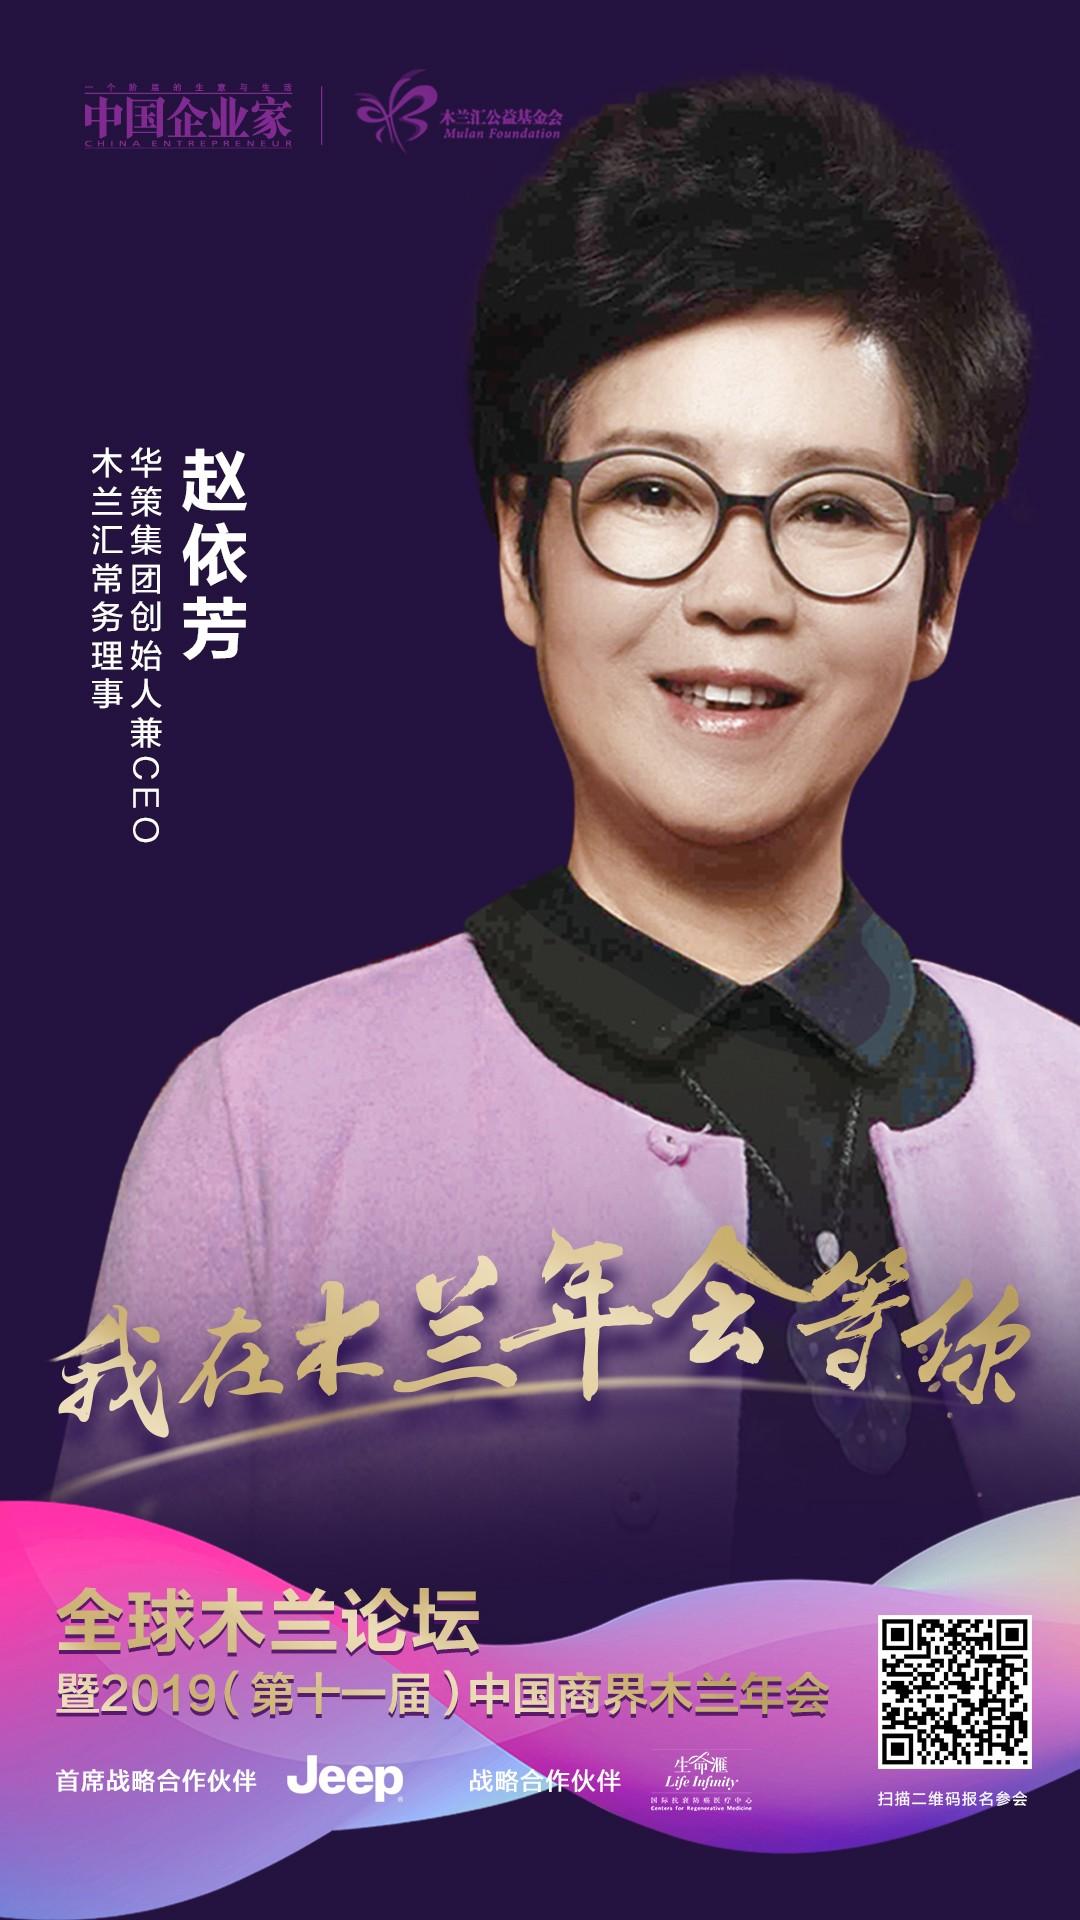 赵依芳广告